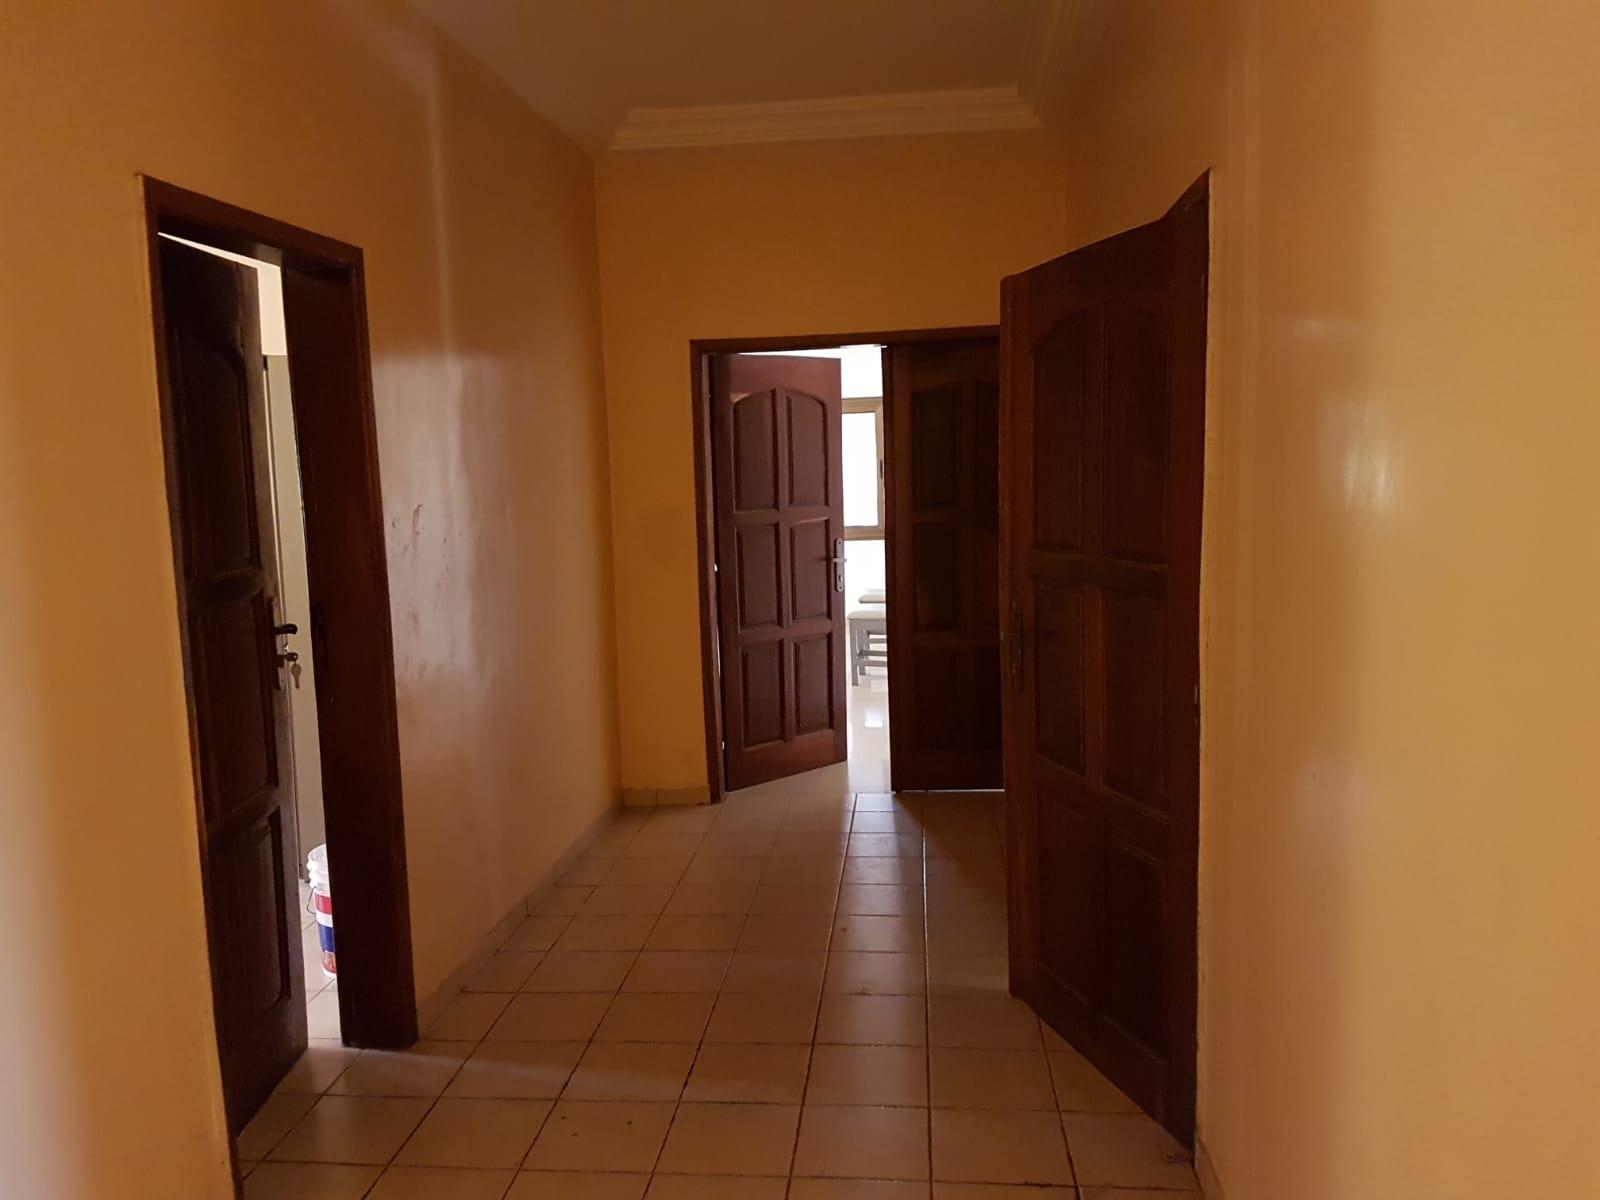 Appartement meublé à louer , adidogome                         (Au bord du goudron non loin de Champion)                     , Lome : 400 000 FCFA/mois